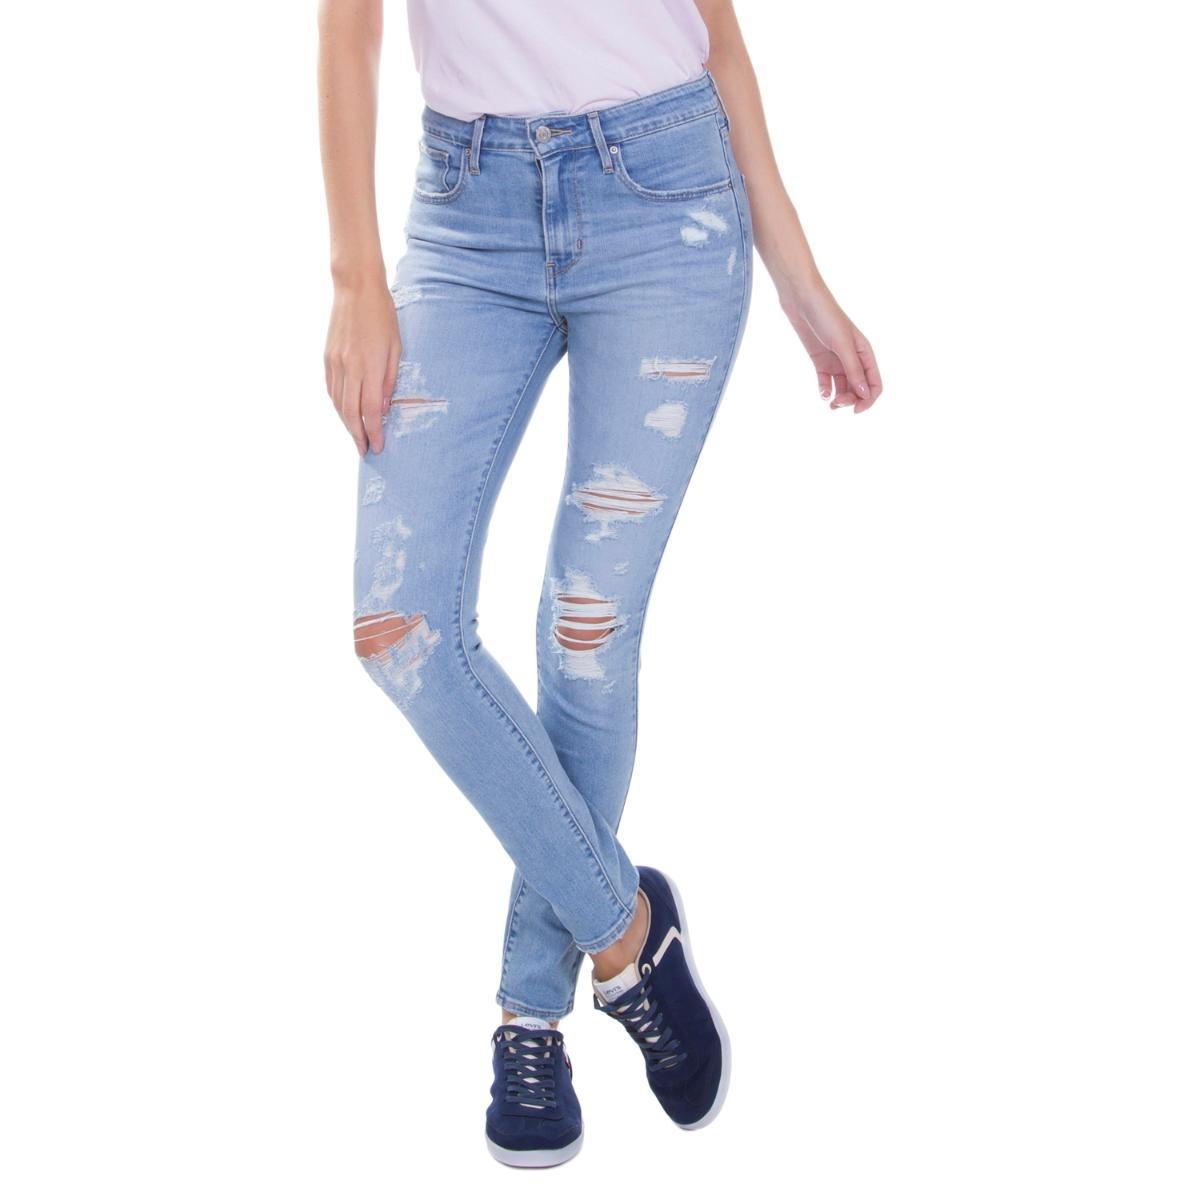 Calça Jeans Levis Feminino 721 High Rise Skinny Clara - R  329,90 em ... 6ba3f61223